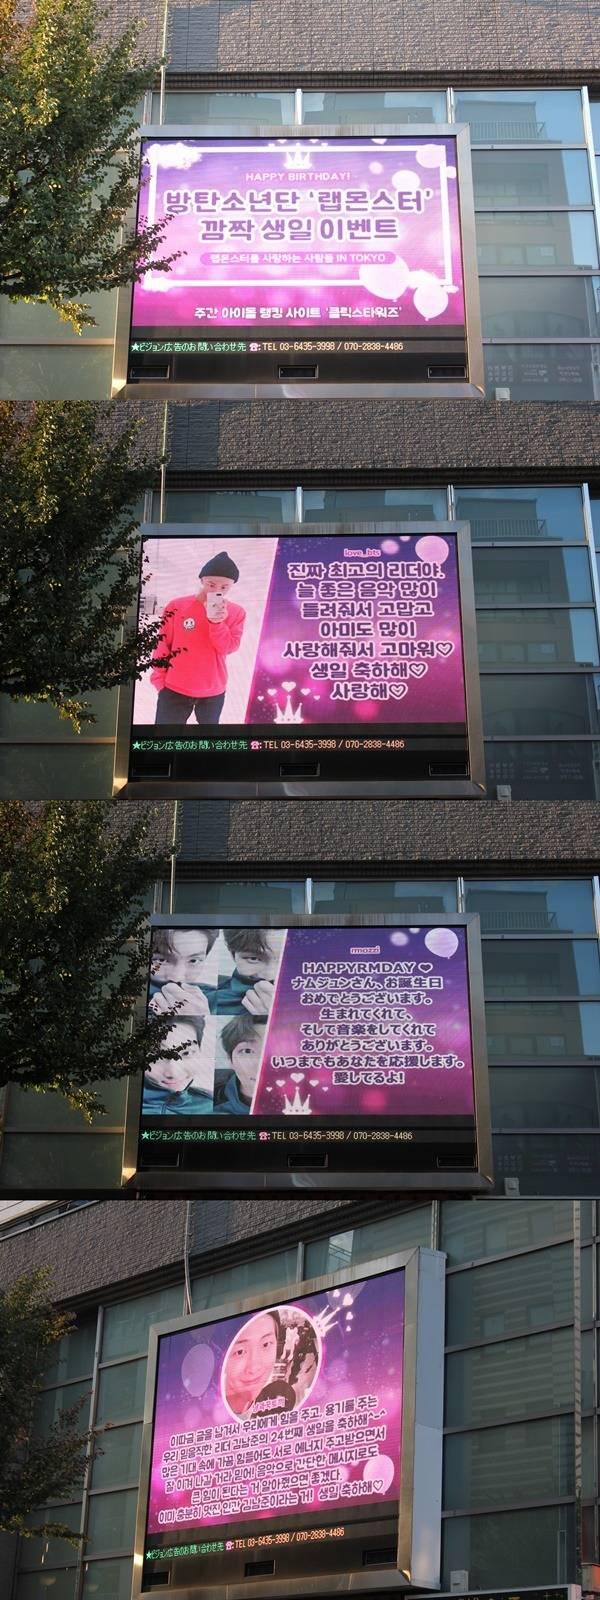 東京・新大久保電光掲示板で上映中の様子|写真:Click! StarWars